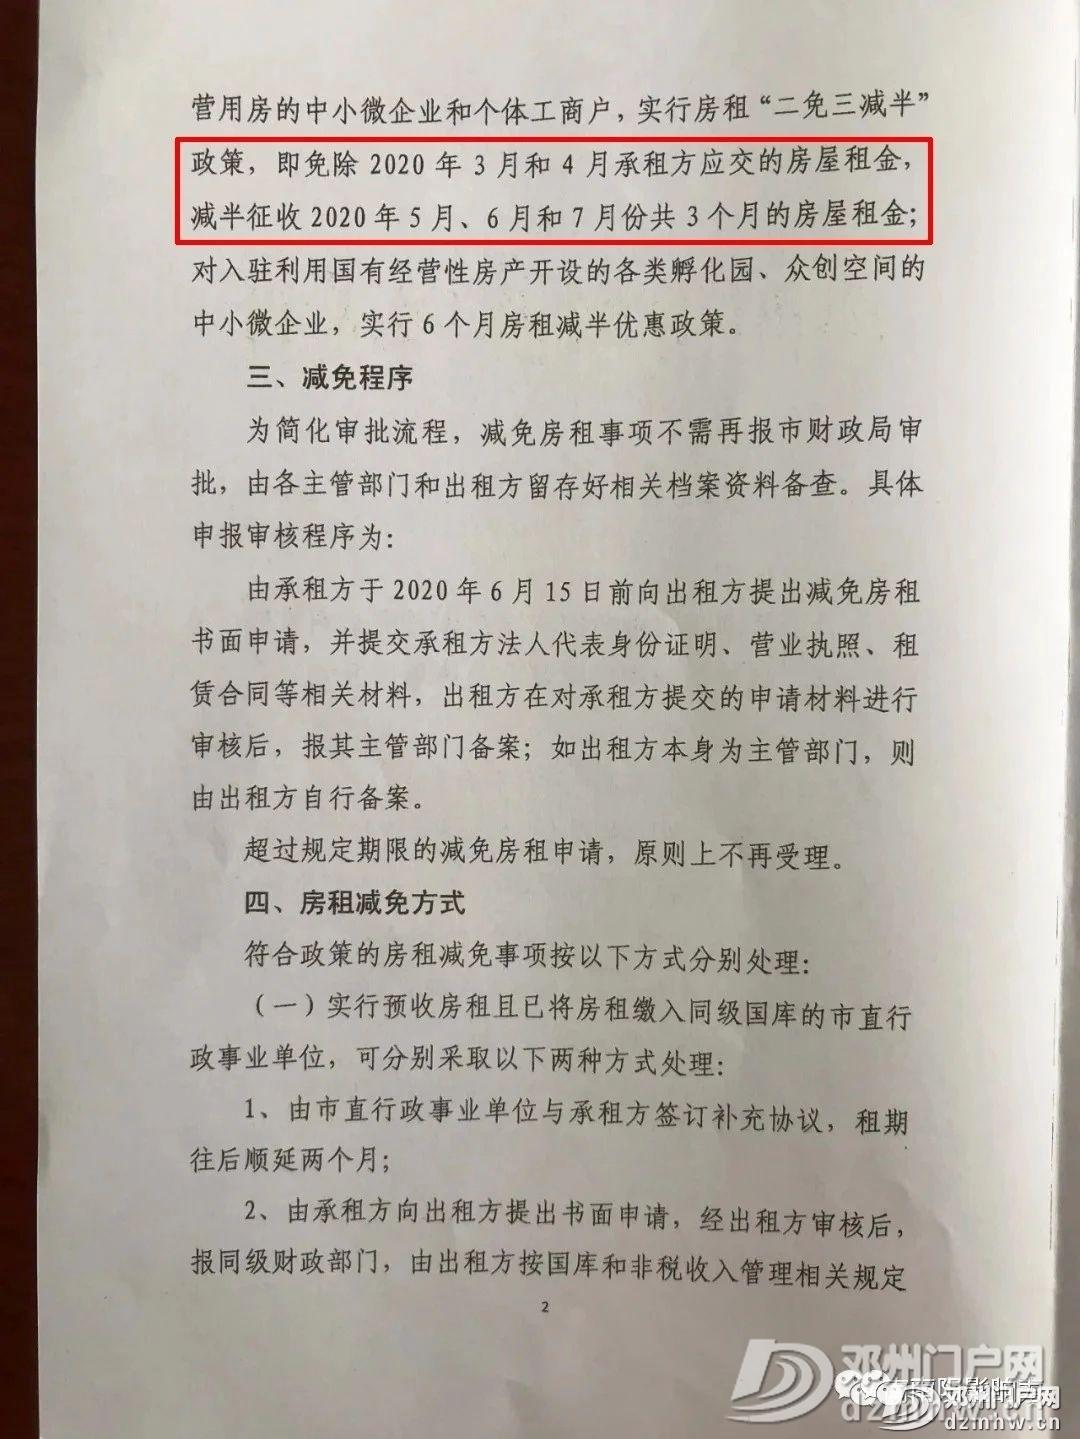 南阳市政府已出台减免房租政策,邓州房东与商家看过来.. - 邓州门户网|邓州网 - 3dc4a3c0b4e70e057b4f7fcc20c2a8a9.jpg